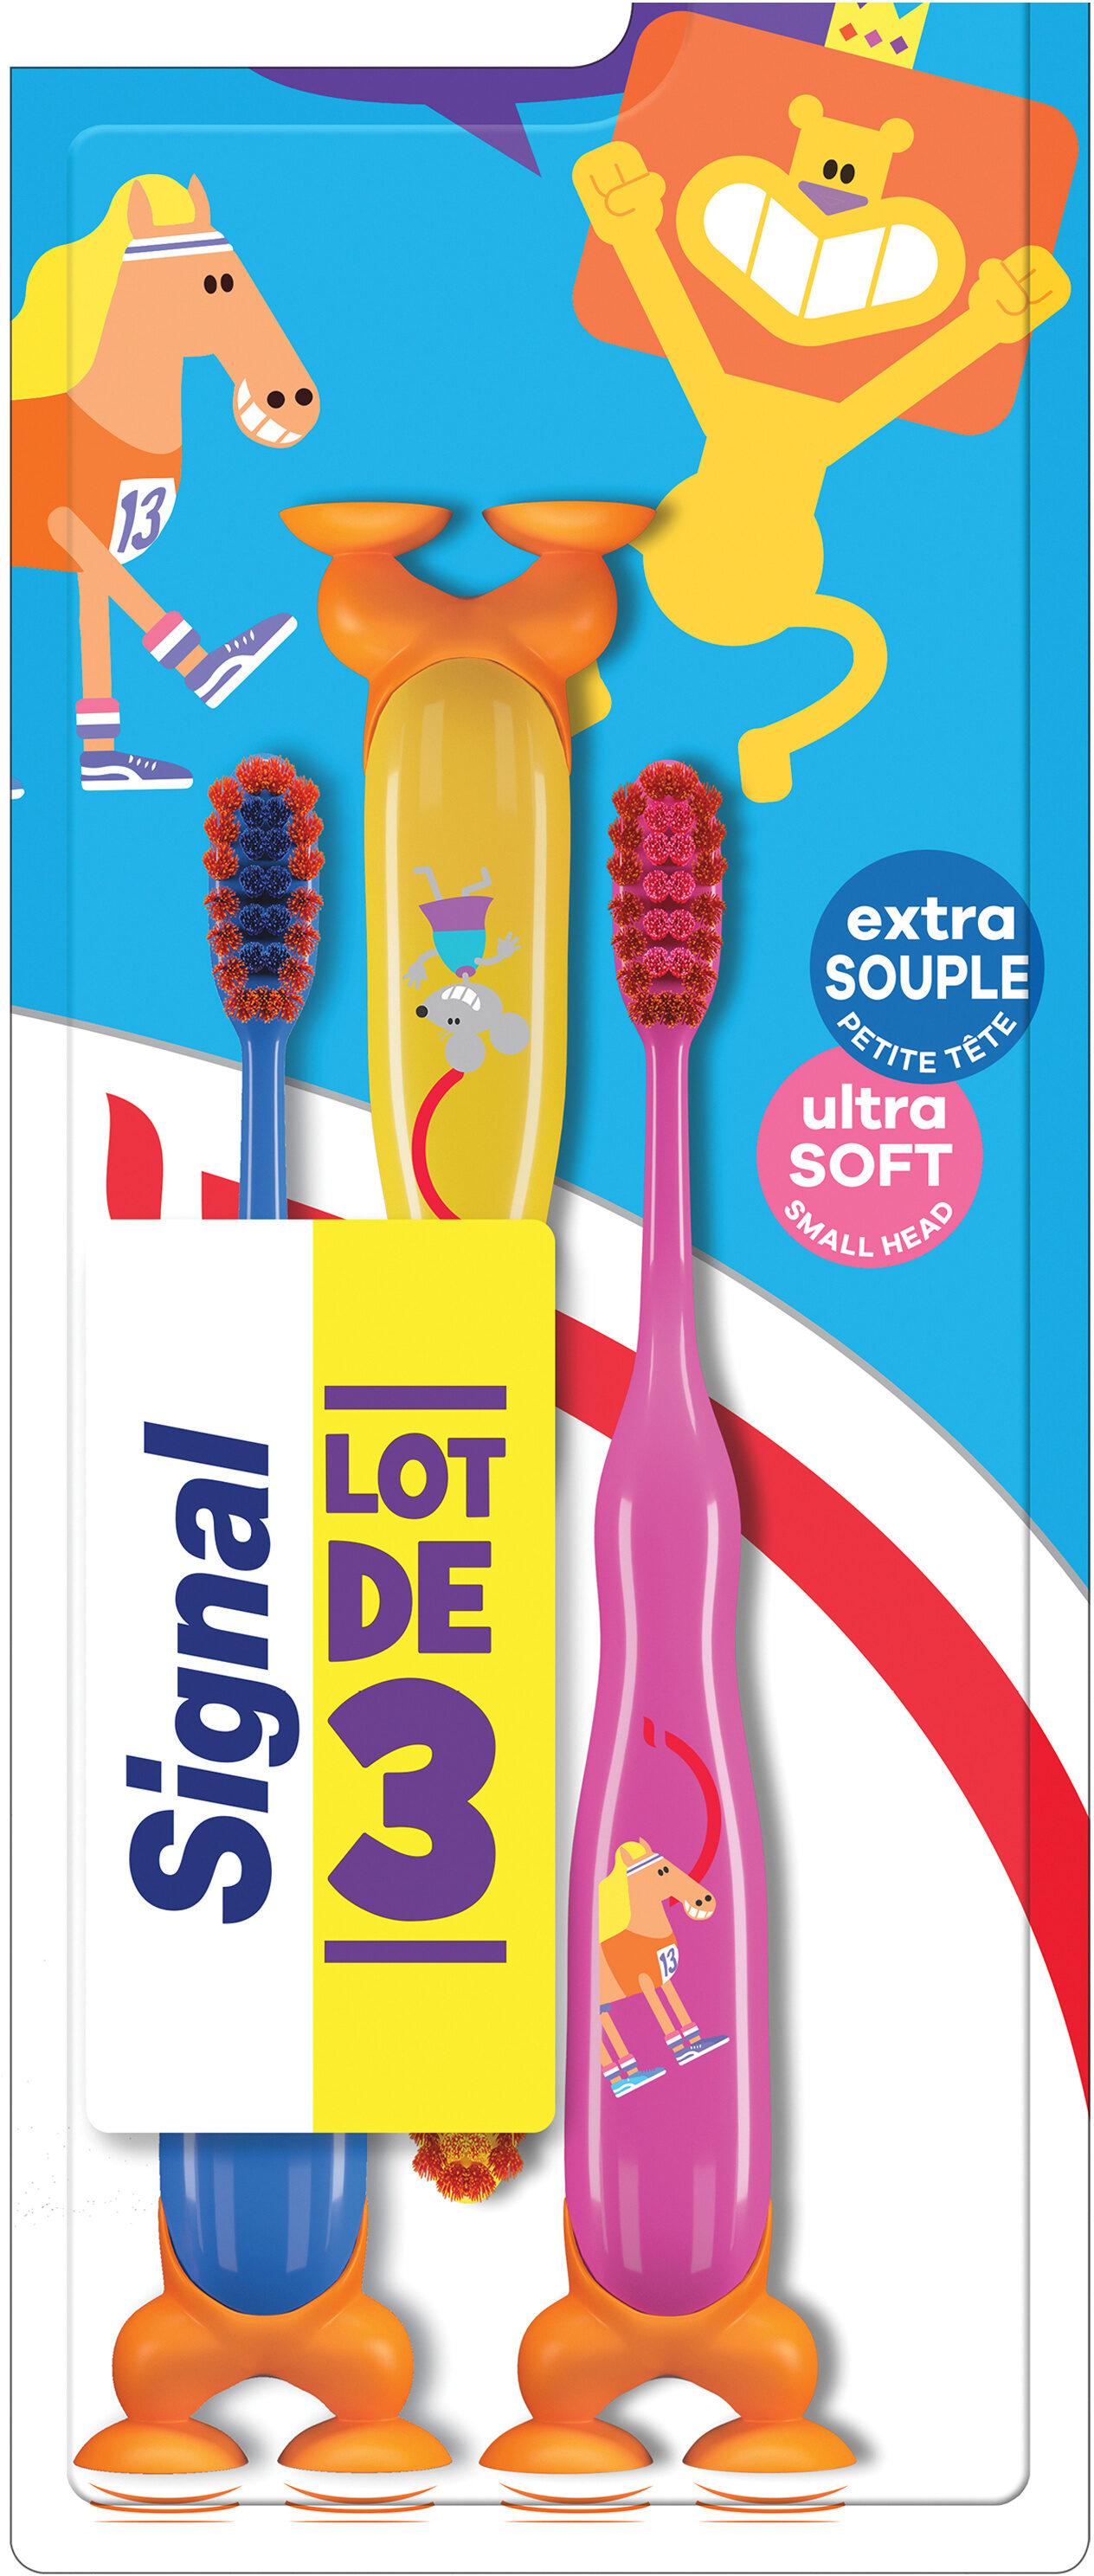 Signal Brosse à Dents Enfants 2-6ans Extra Souple x3 - Product - fr